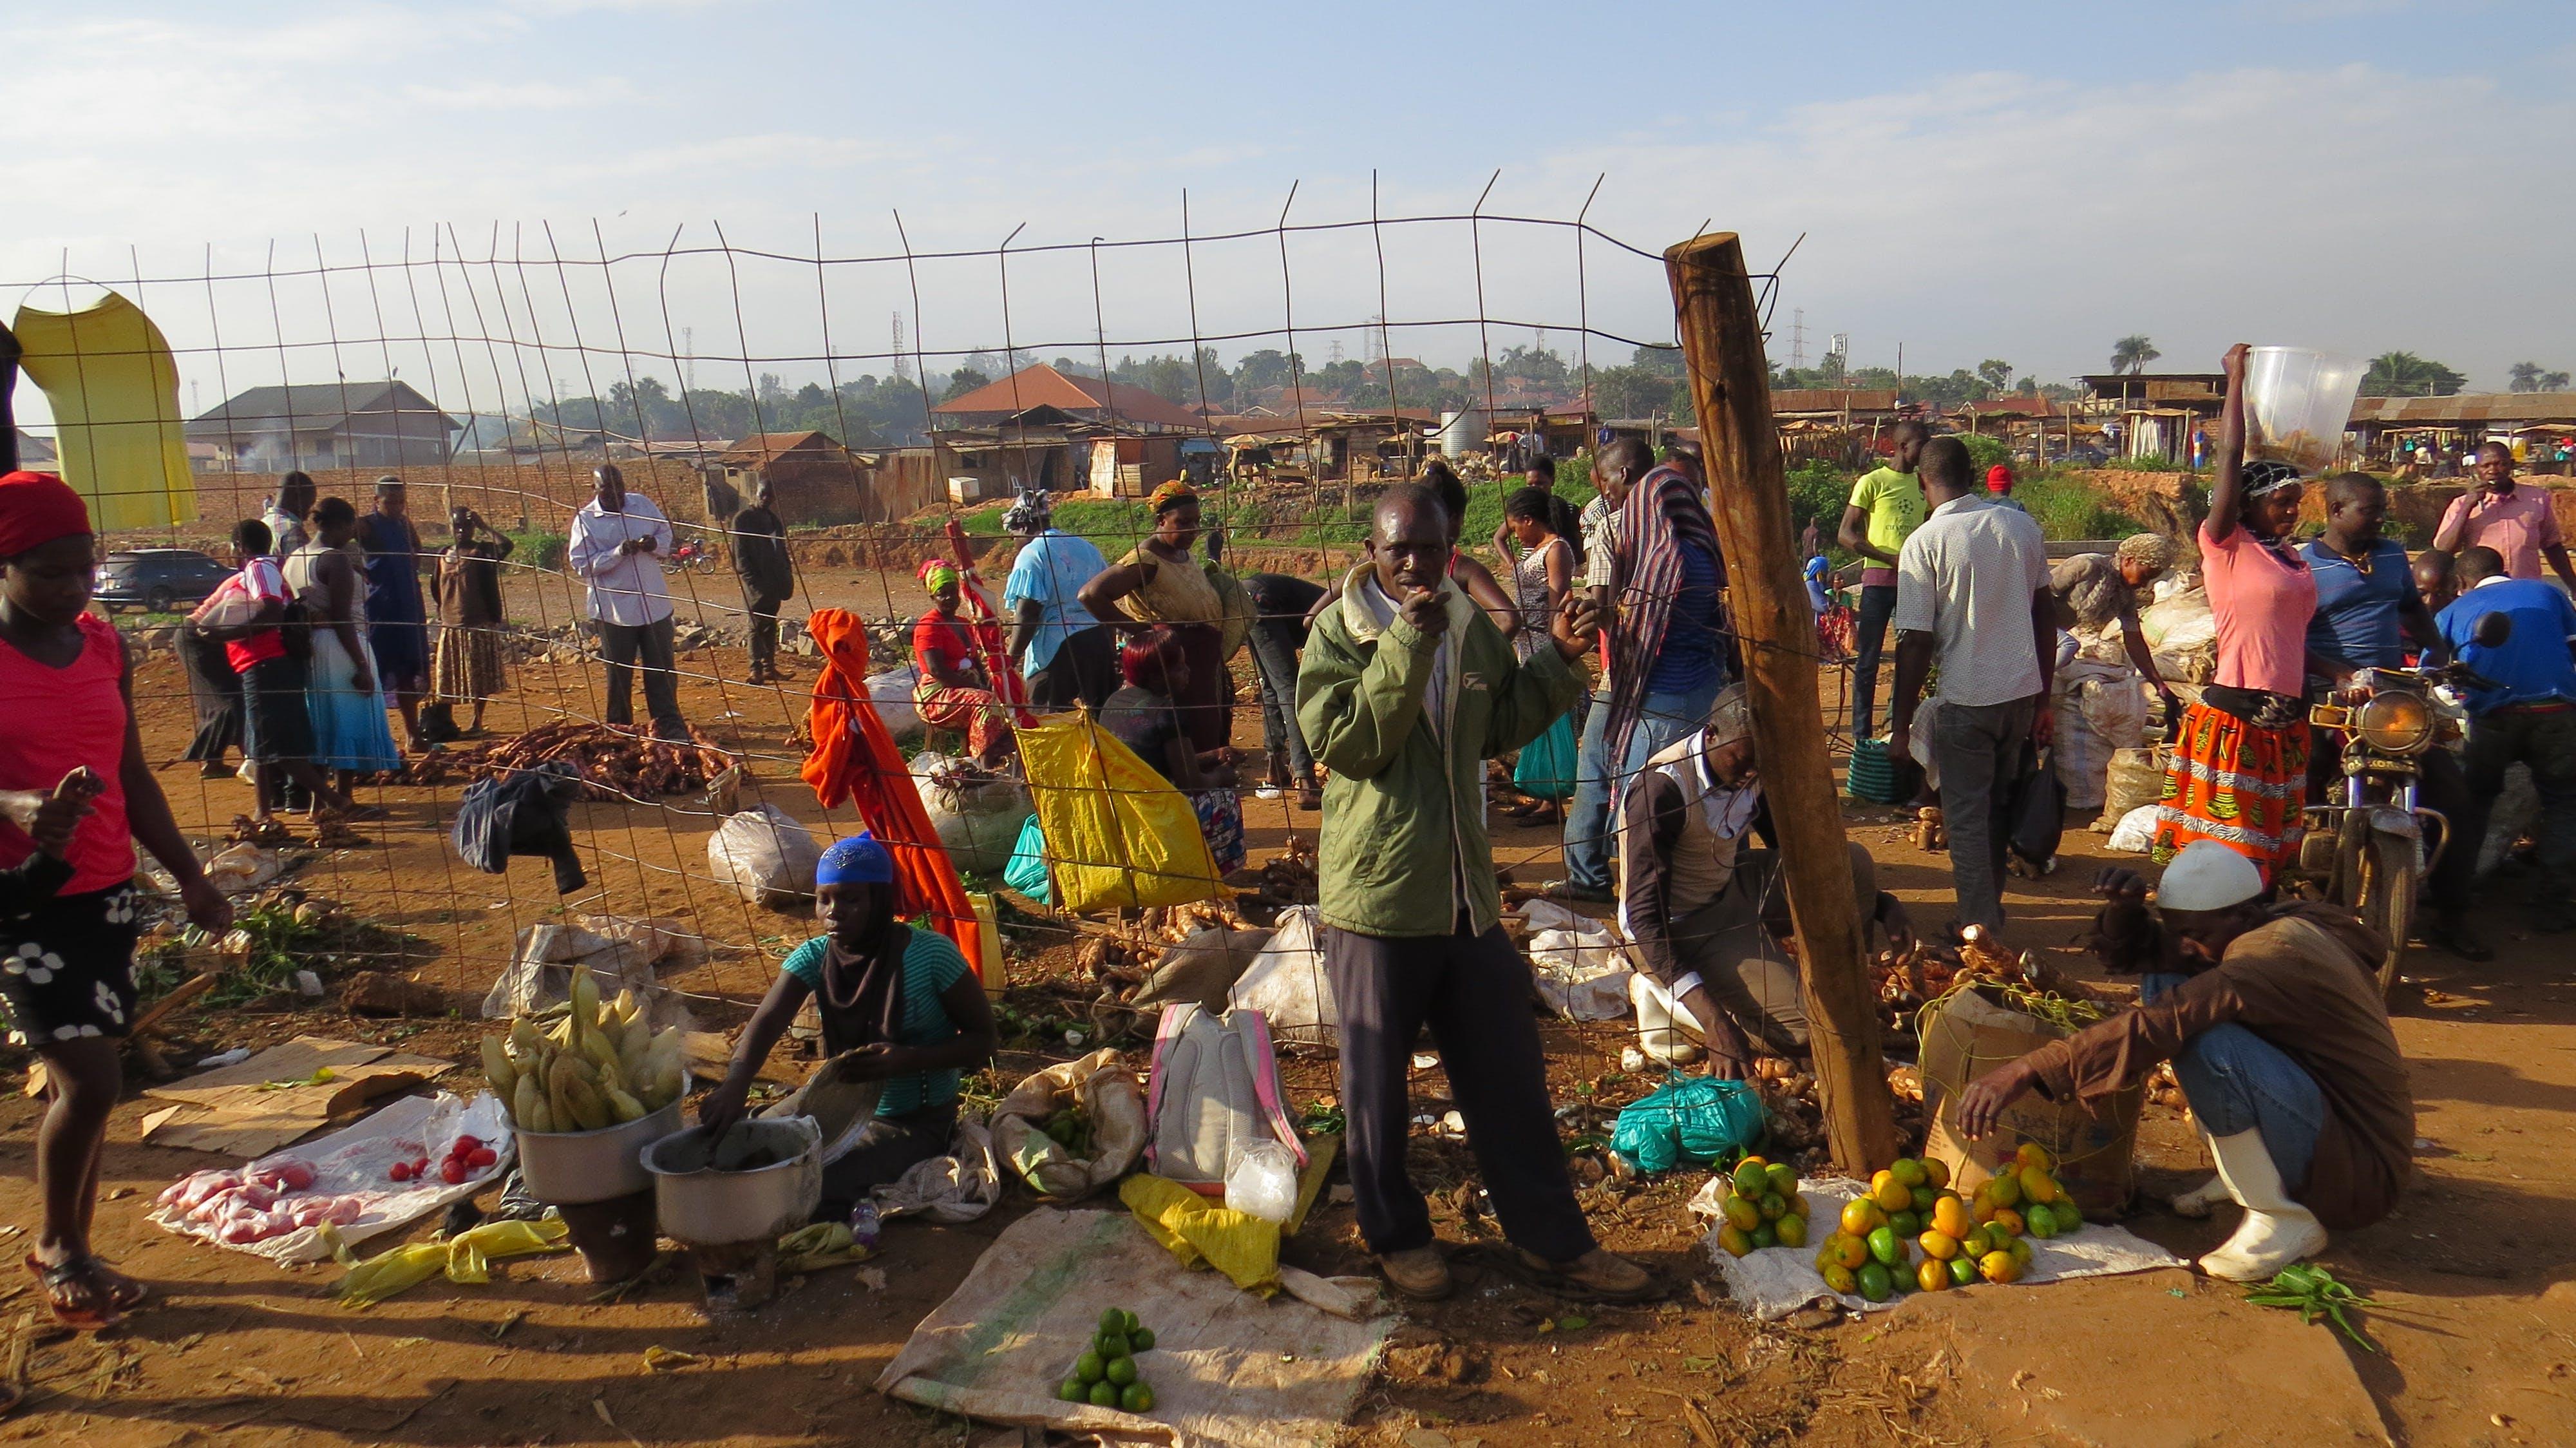 Δωρεάν στοκ φωτογραφιών με αγορά, Αφρική, καμπάλα, ουγκάντα